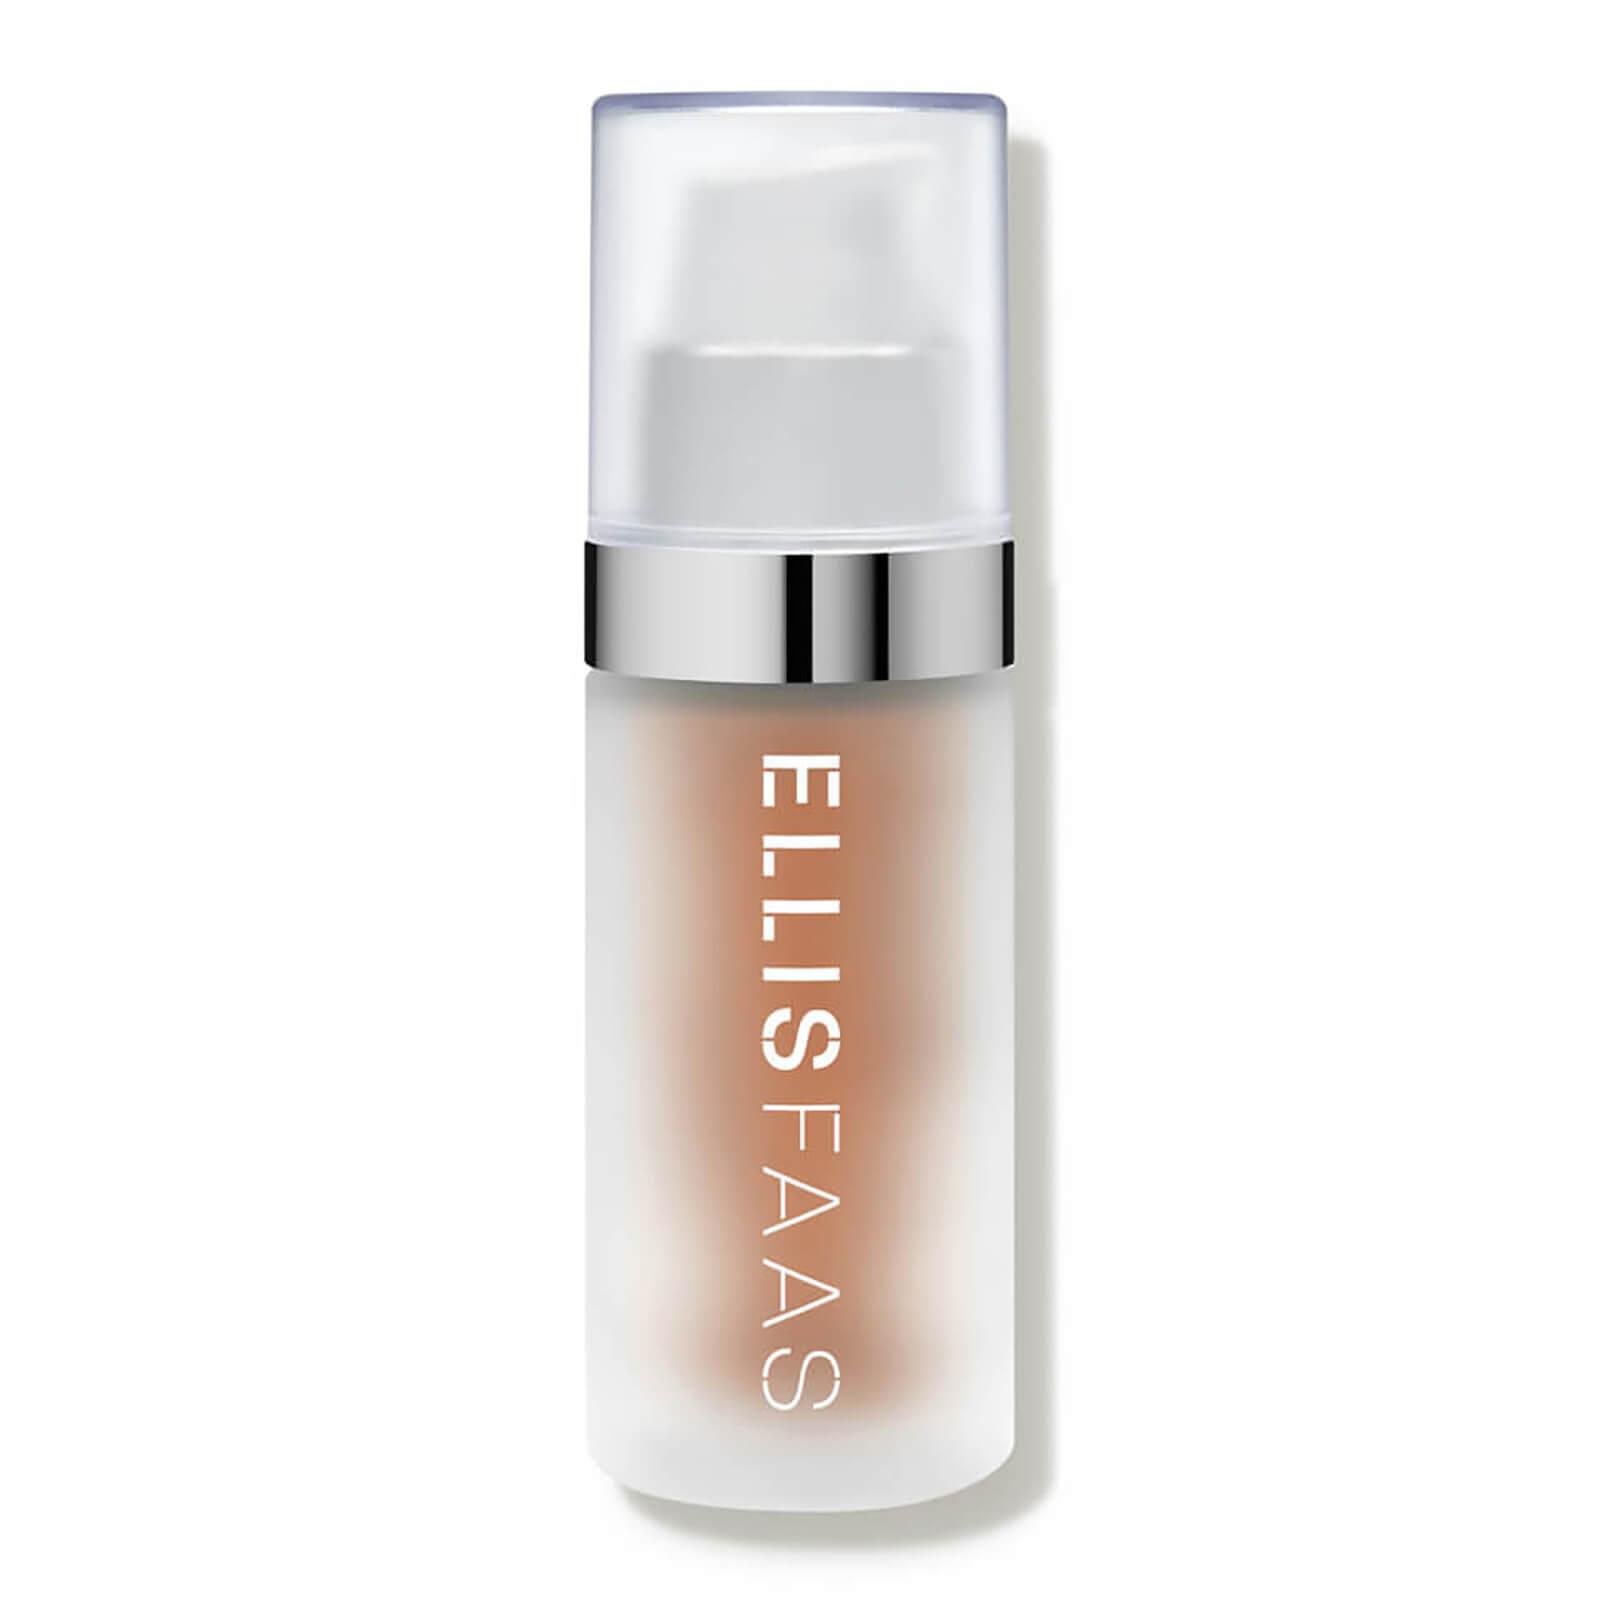 Купить Тональная основа-вуаль для лица, флакон Ellis Faas Skin Veil Bottle (различные оттенки) - Medium Dark